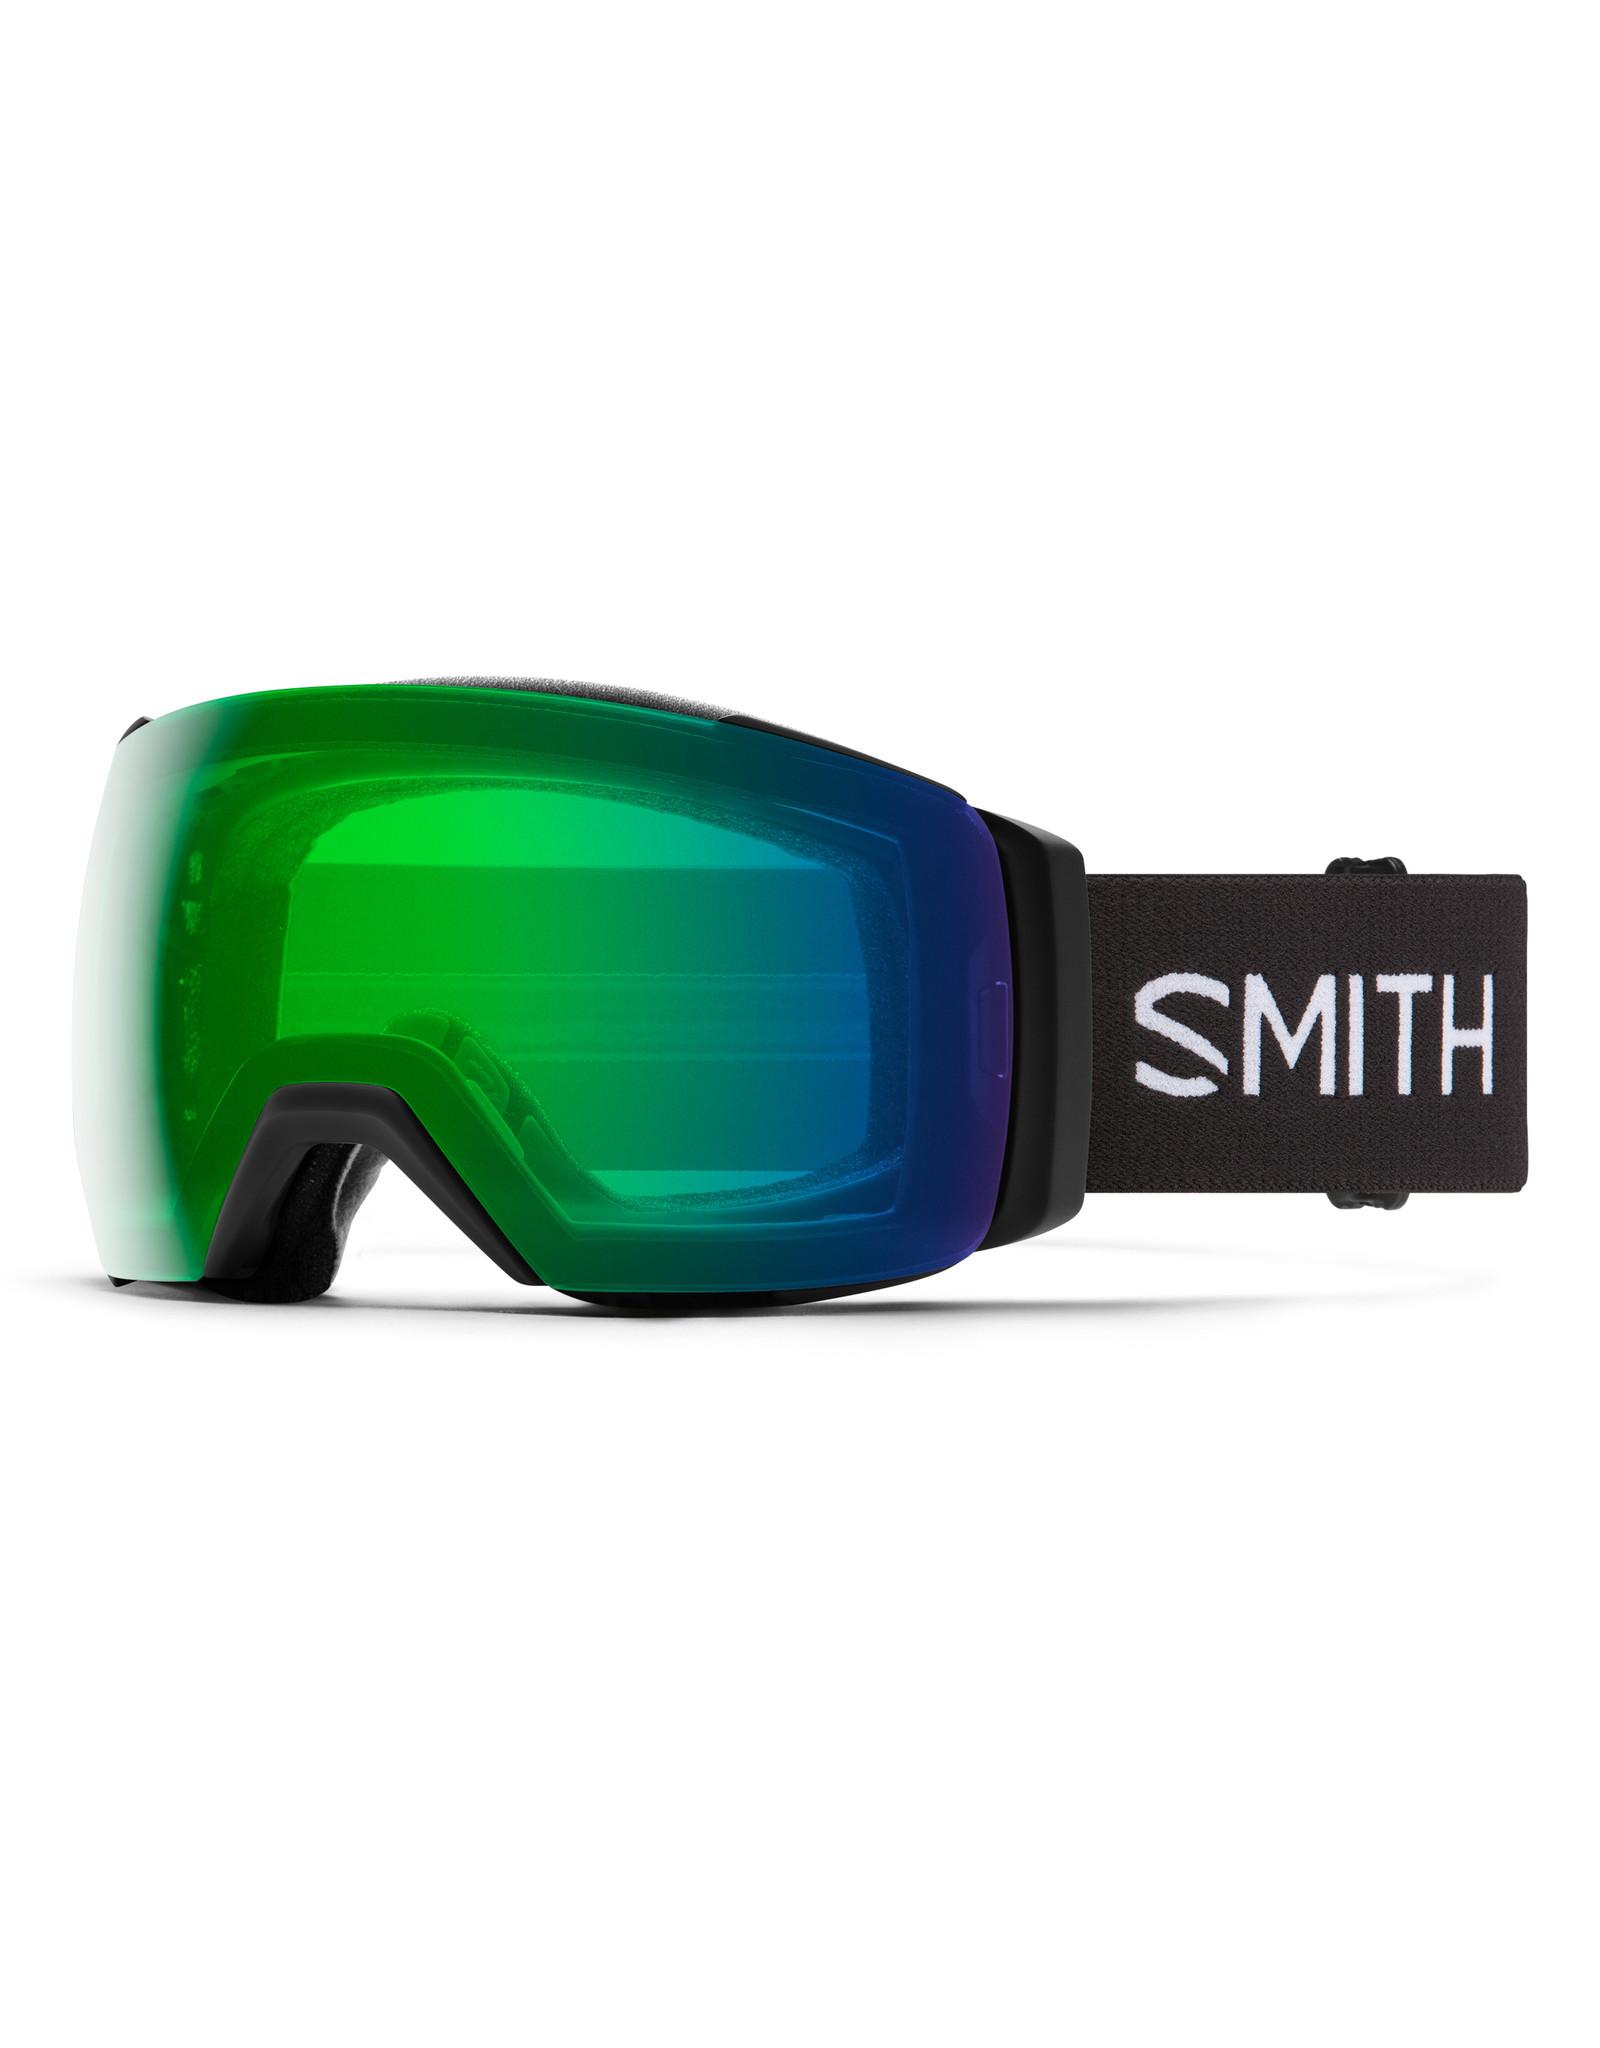 Smith I/O MAG XL